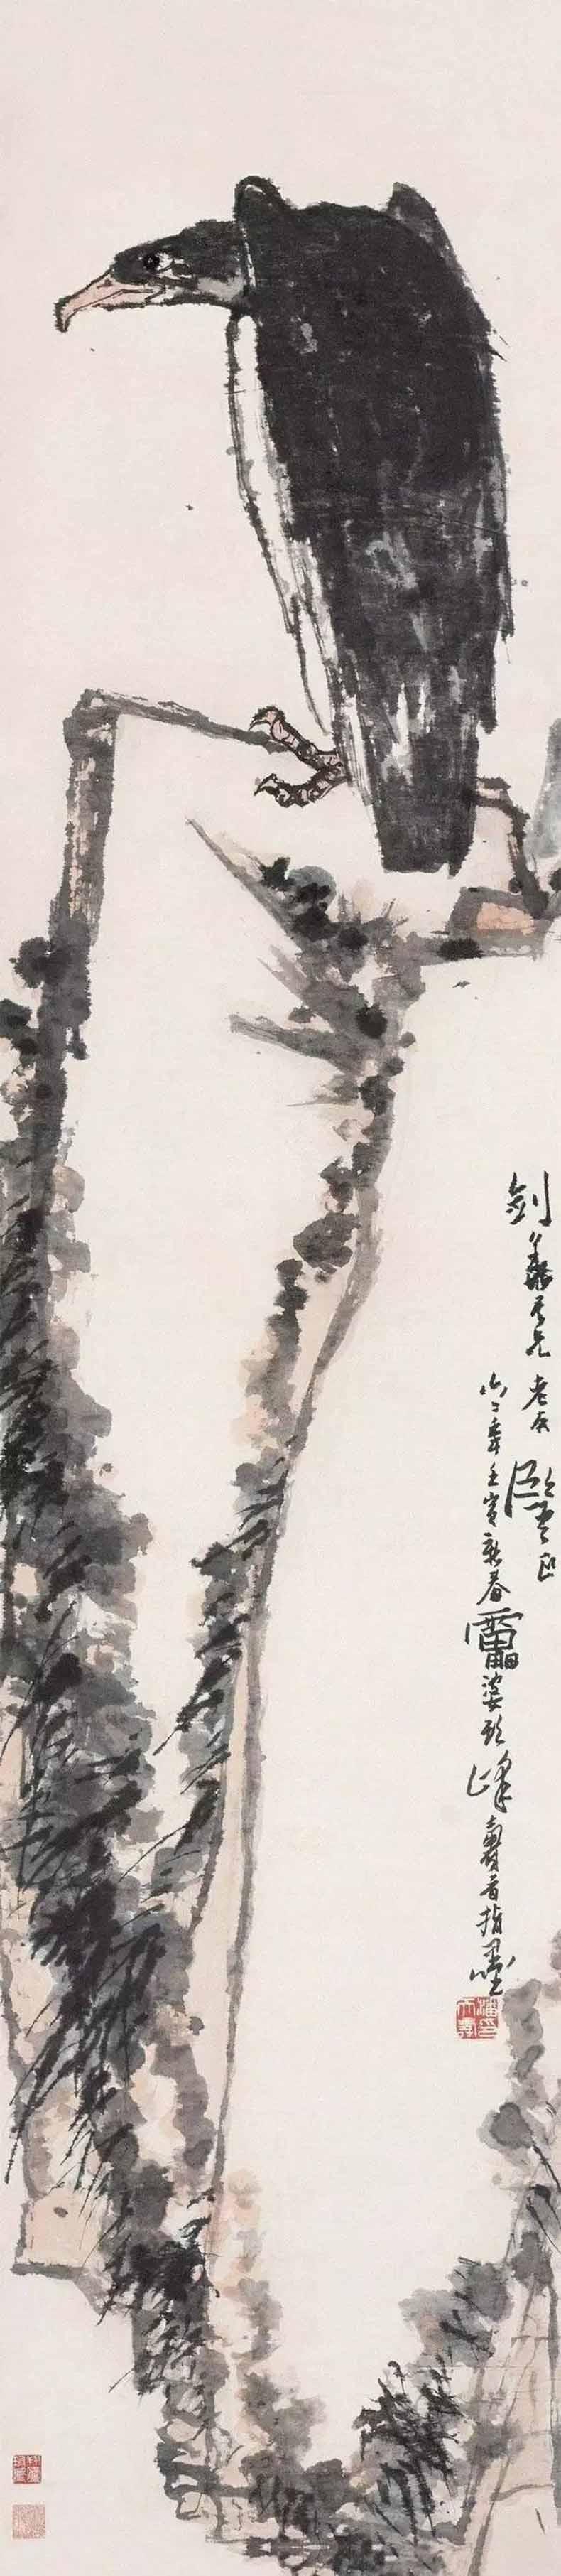 潘天寿 1962年作 鹰石图(指画)